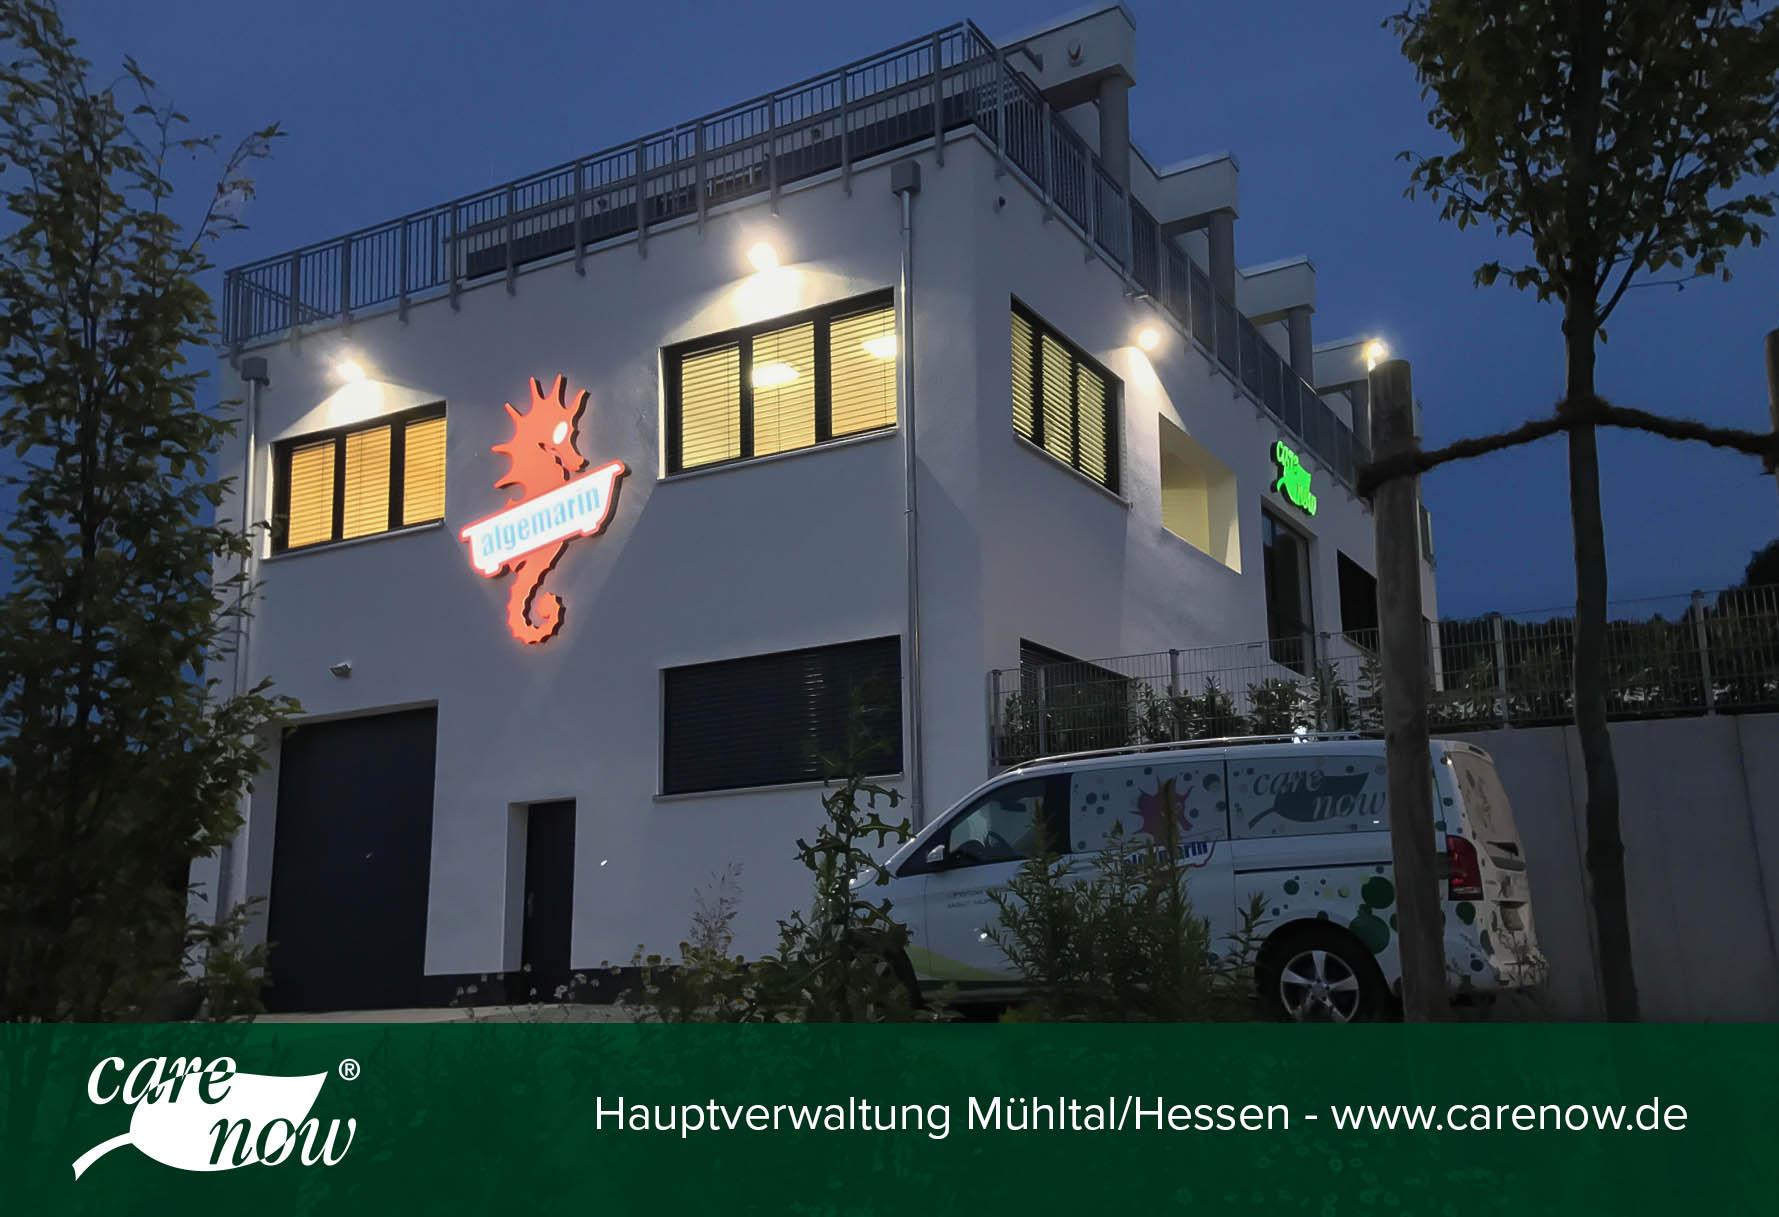 Die Zentrale der Carenow GmbH in Mühltal